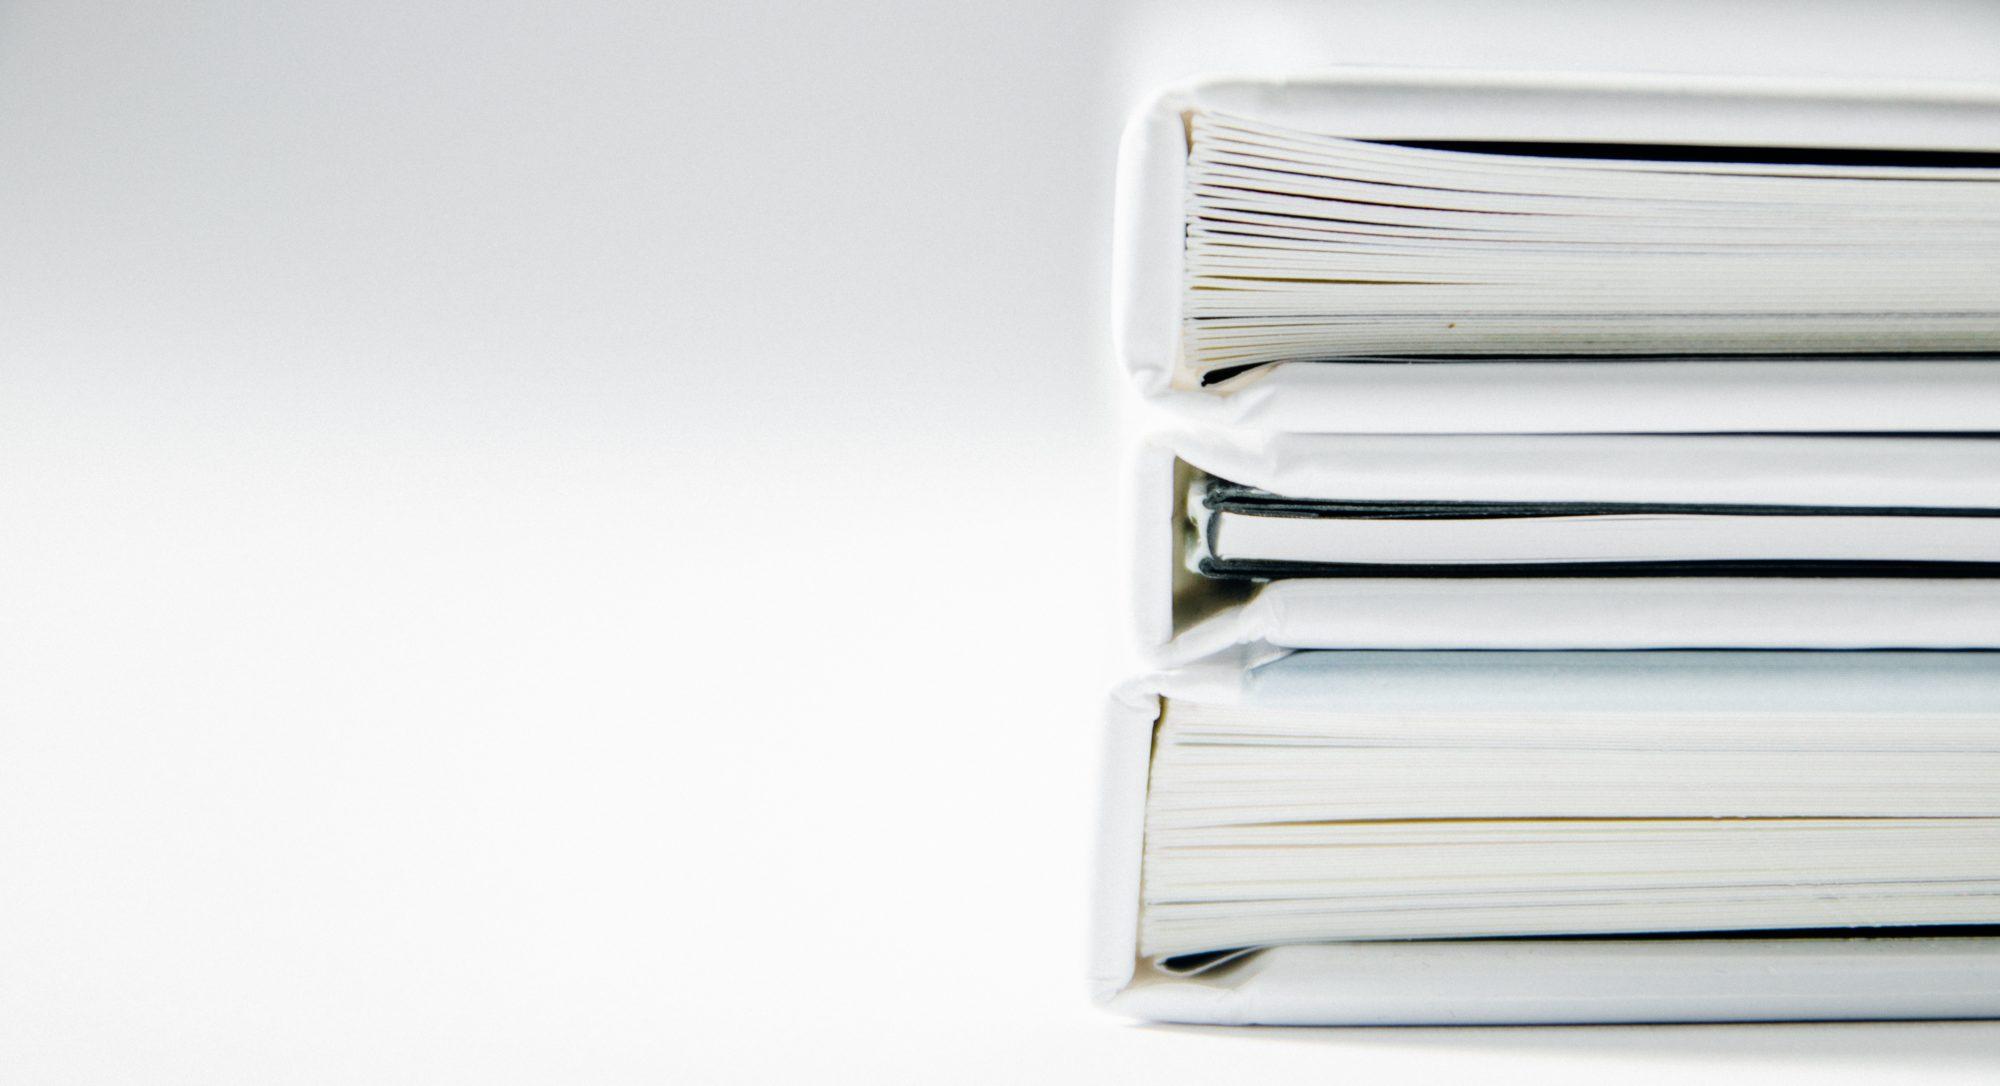 Как онкологическим пациентам получить копии медицинской документации из архива ГООО «Пиеюрас слимница»?